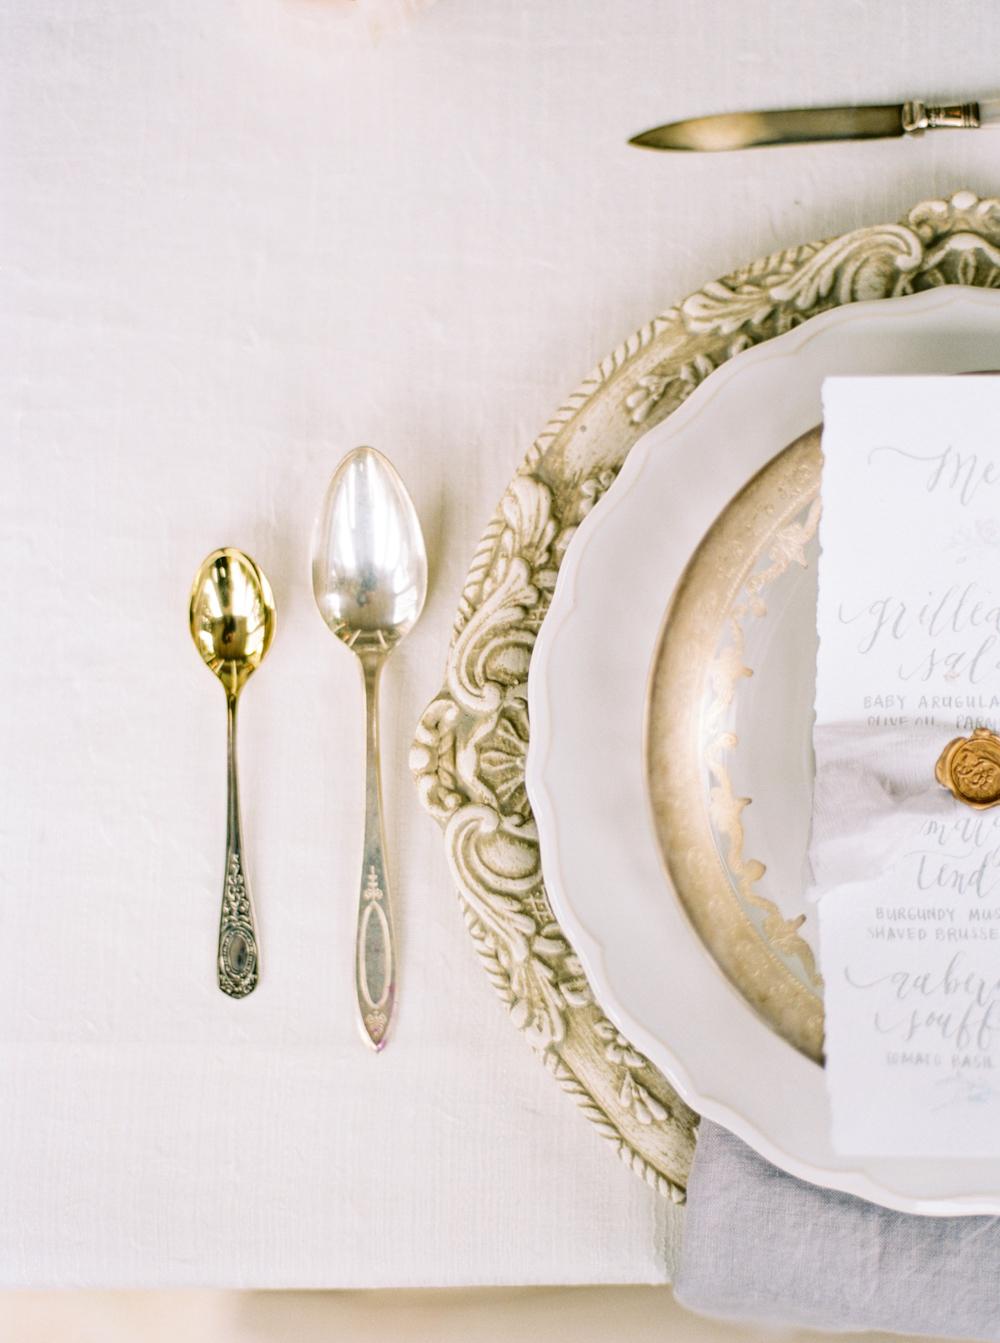 Vintage Gold Flatware Elizabeth Anne Designs The